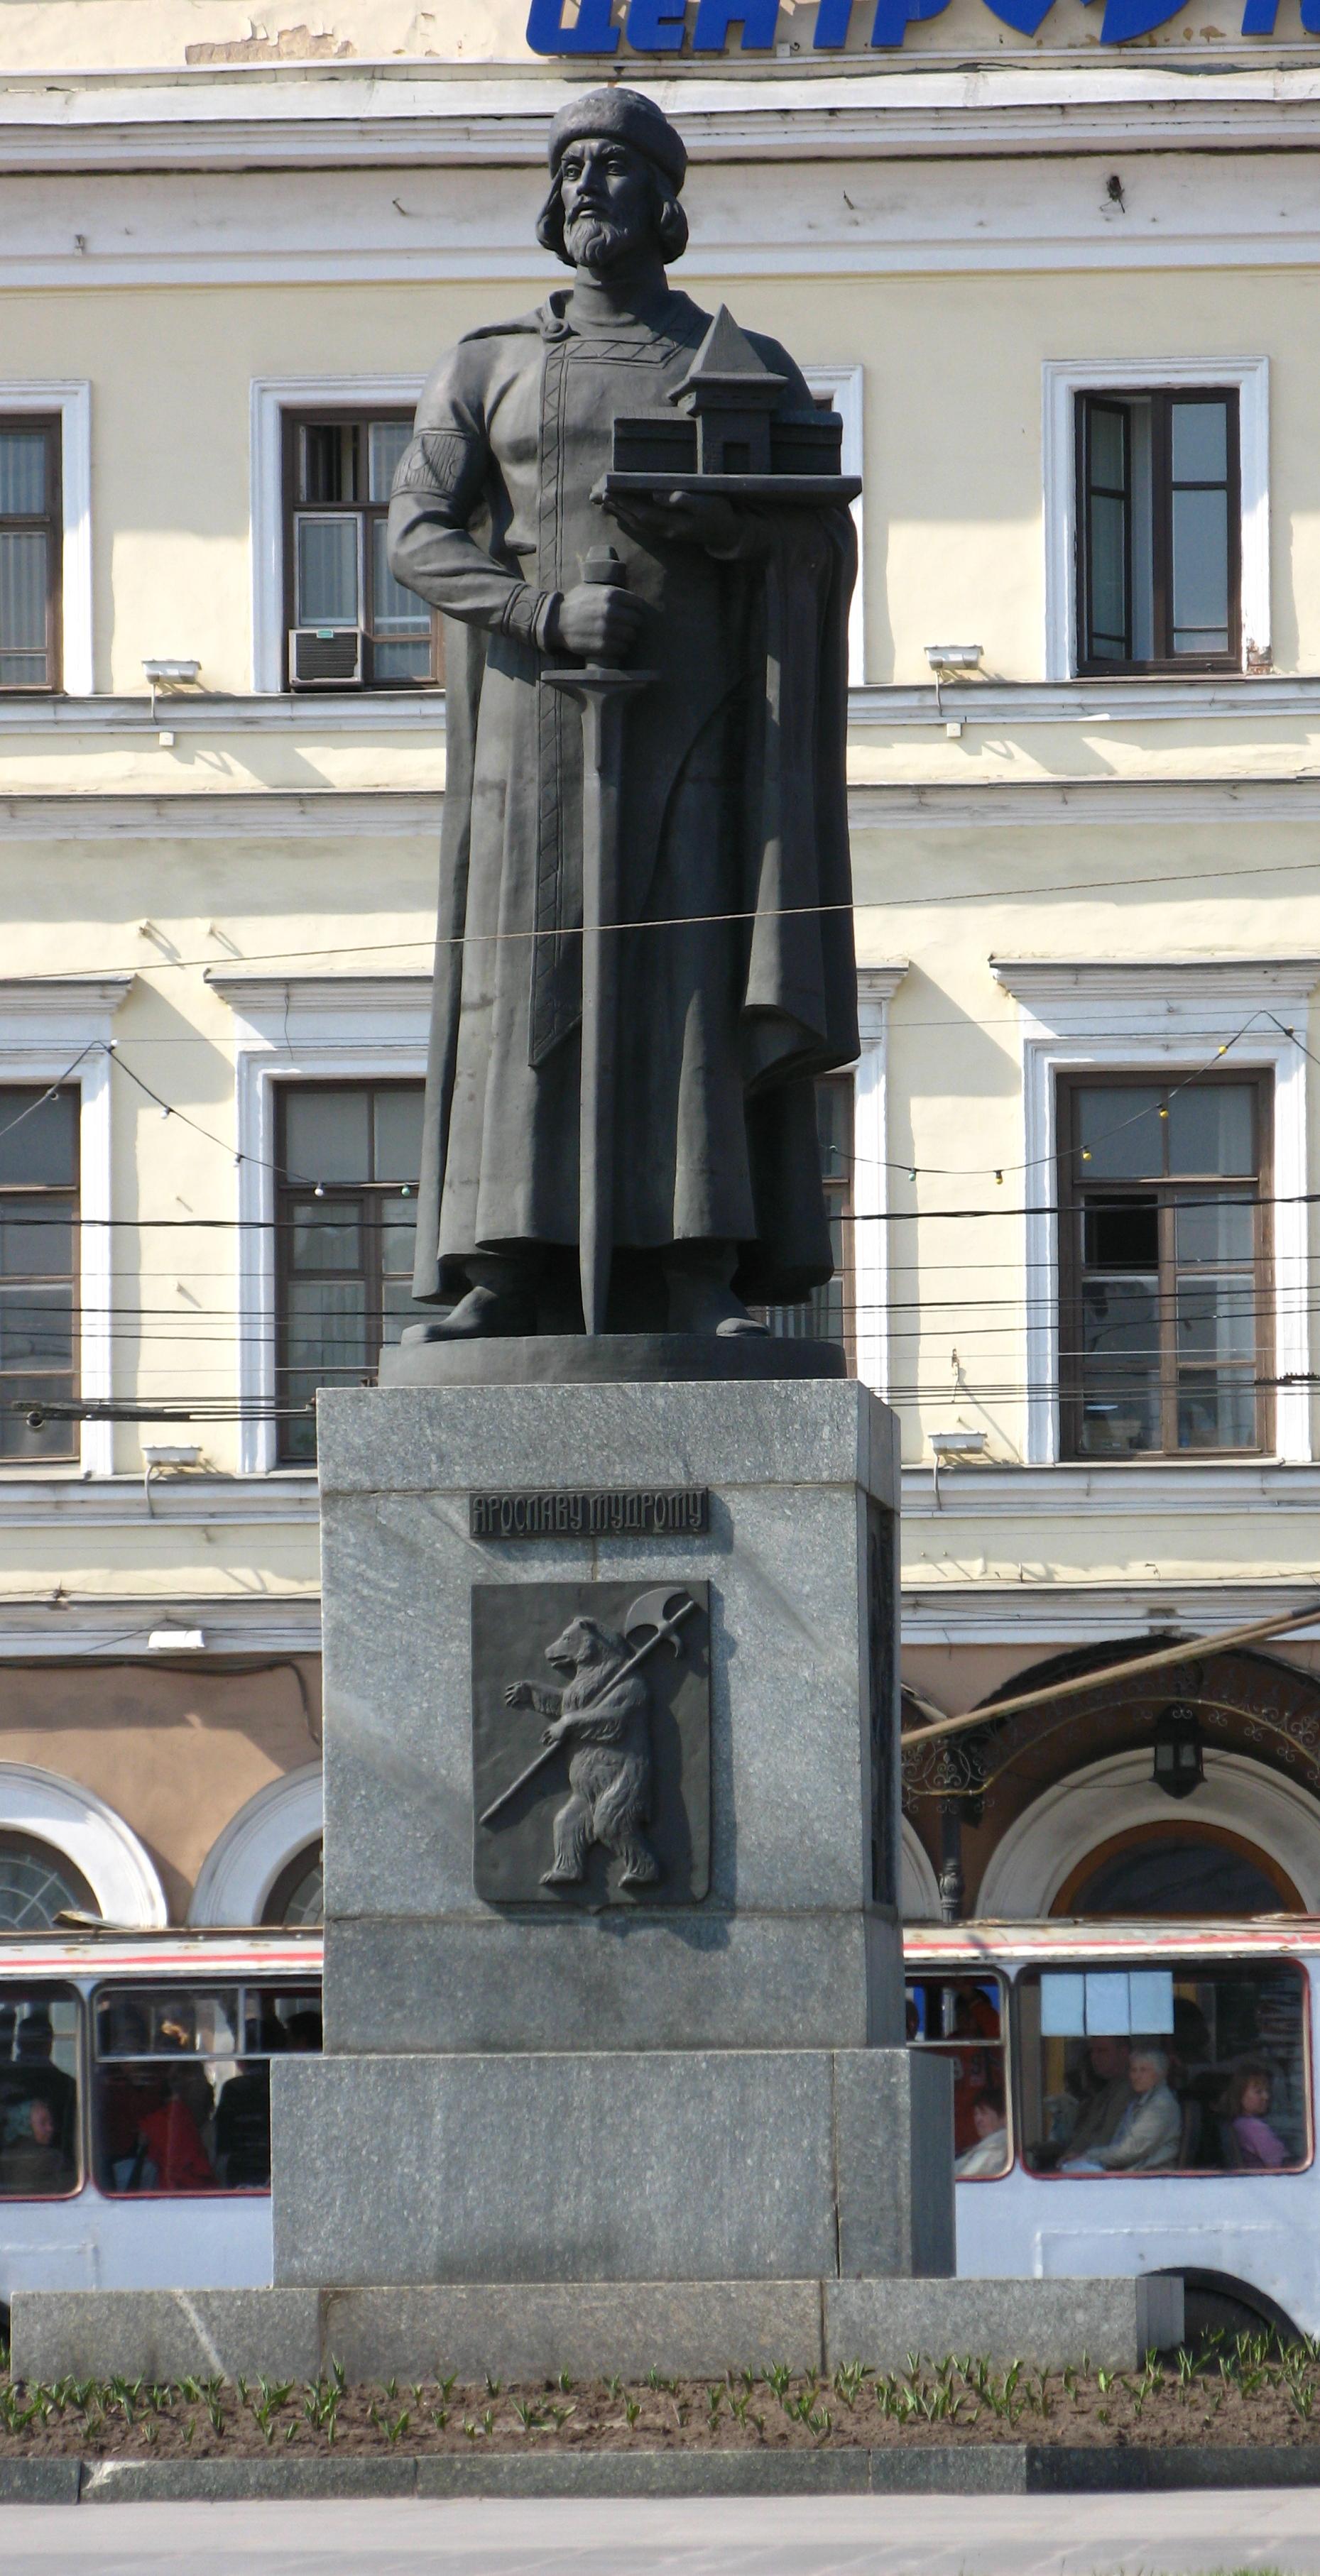 Арт монумент ярославль памятники комплекс 18 века московская область